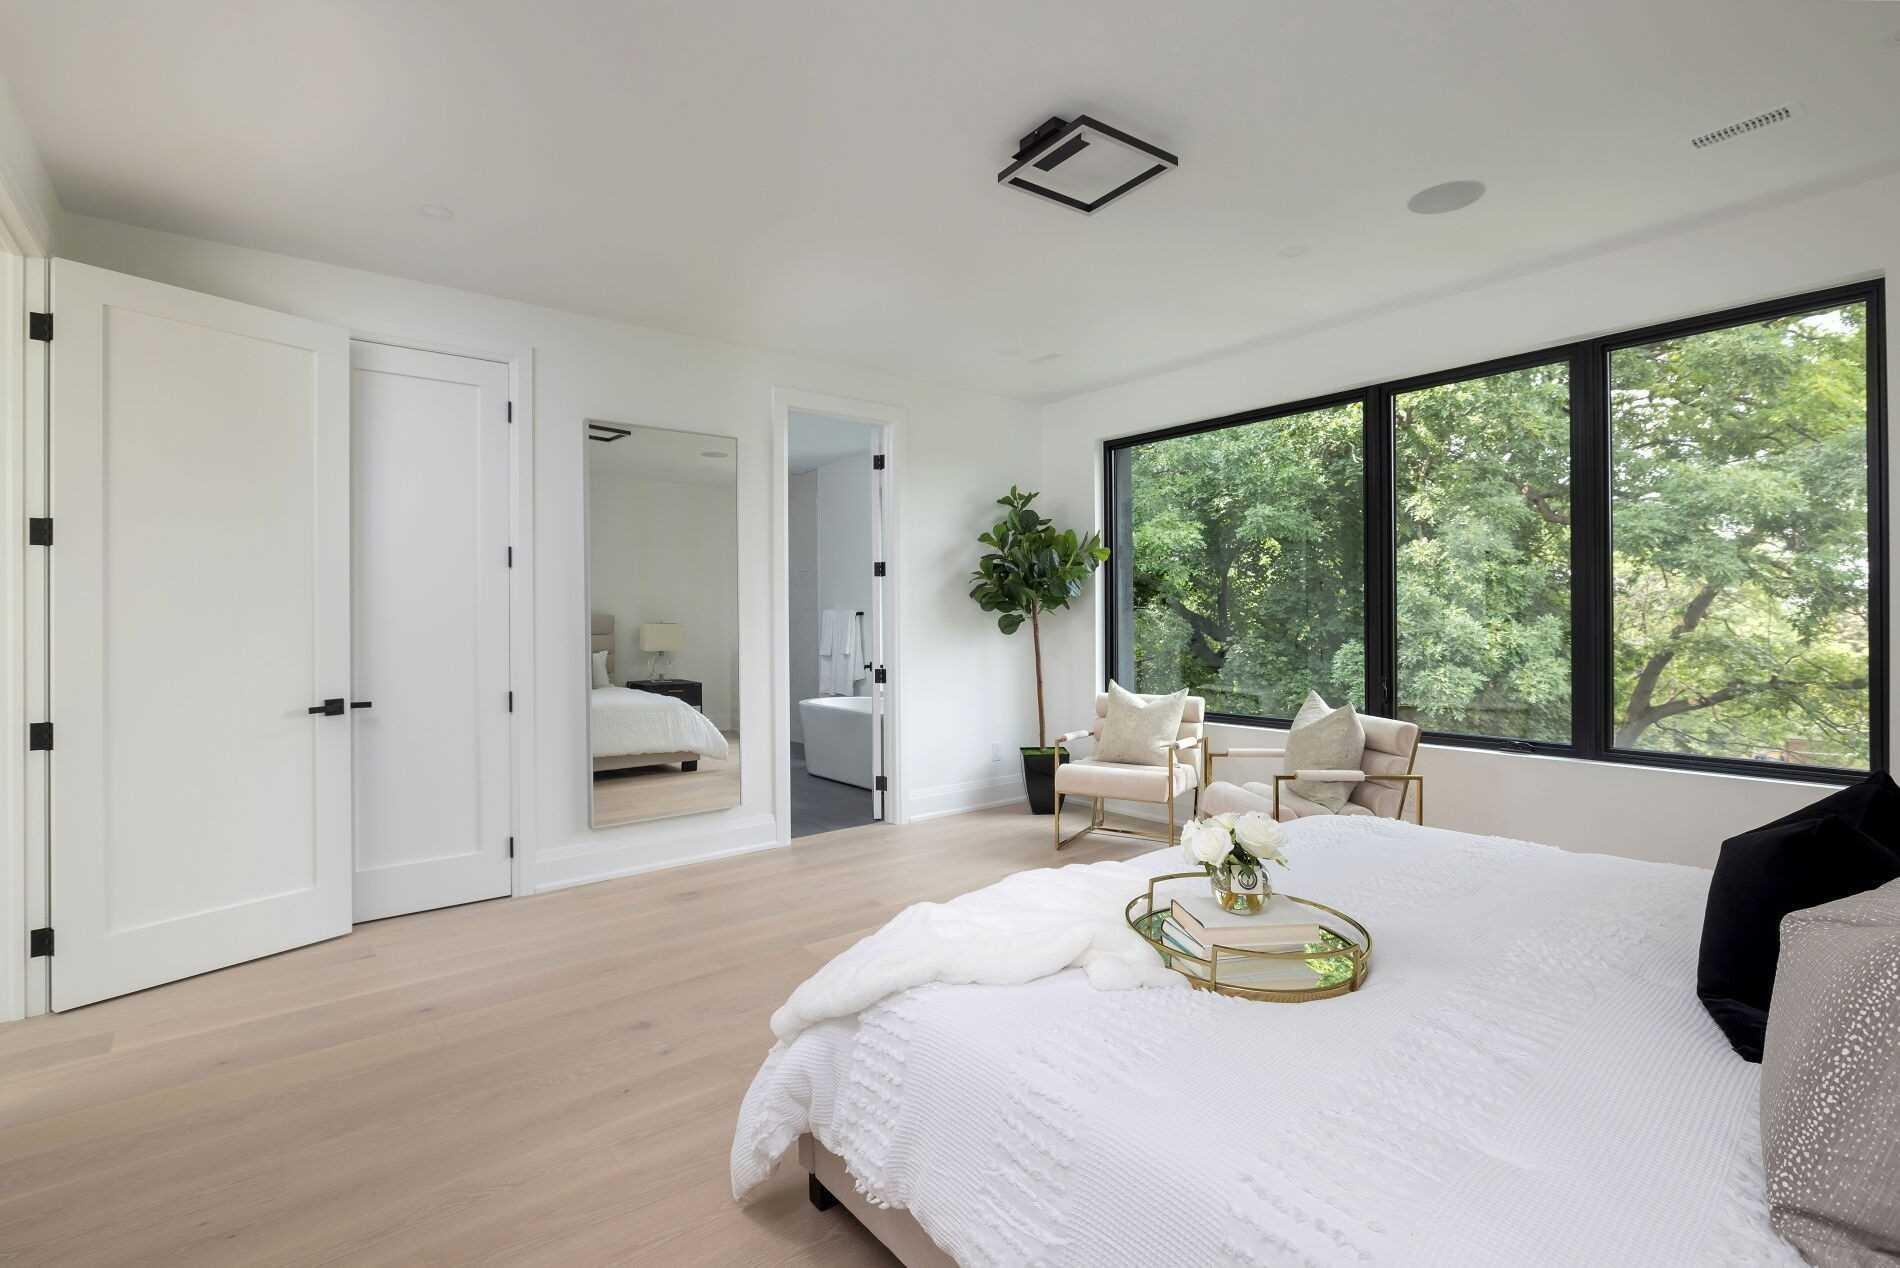 42 Cannon Rd, Toronto, Ontario M8Y1R9, 6 Bedrooms Bedrooms, 8 Rooms Rooms,6 BathroomsBathrooms,Detached,For Sale,Cannon,W5362811